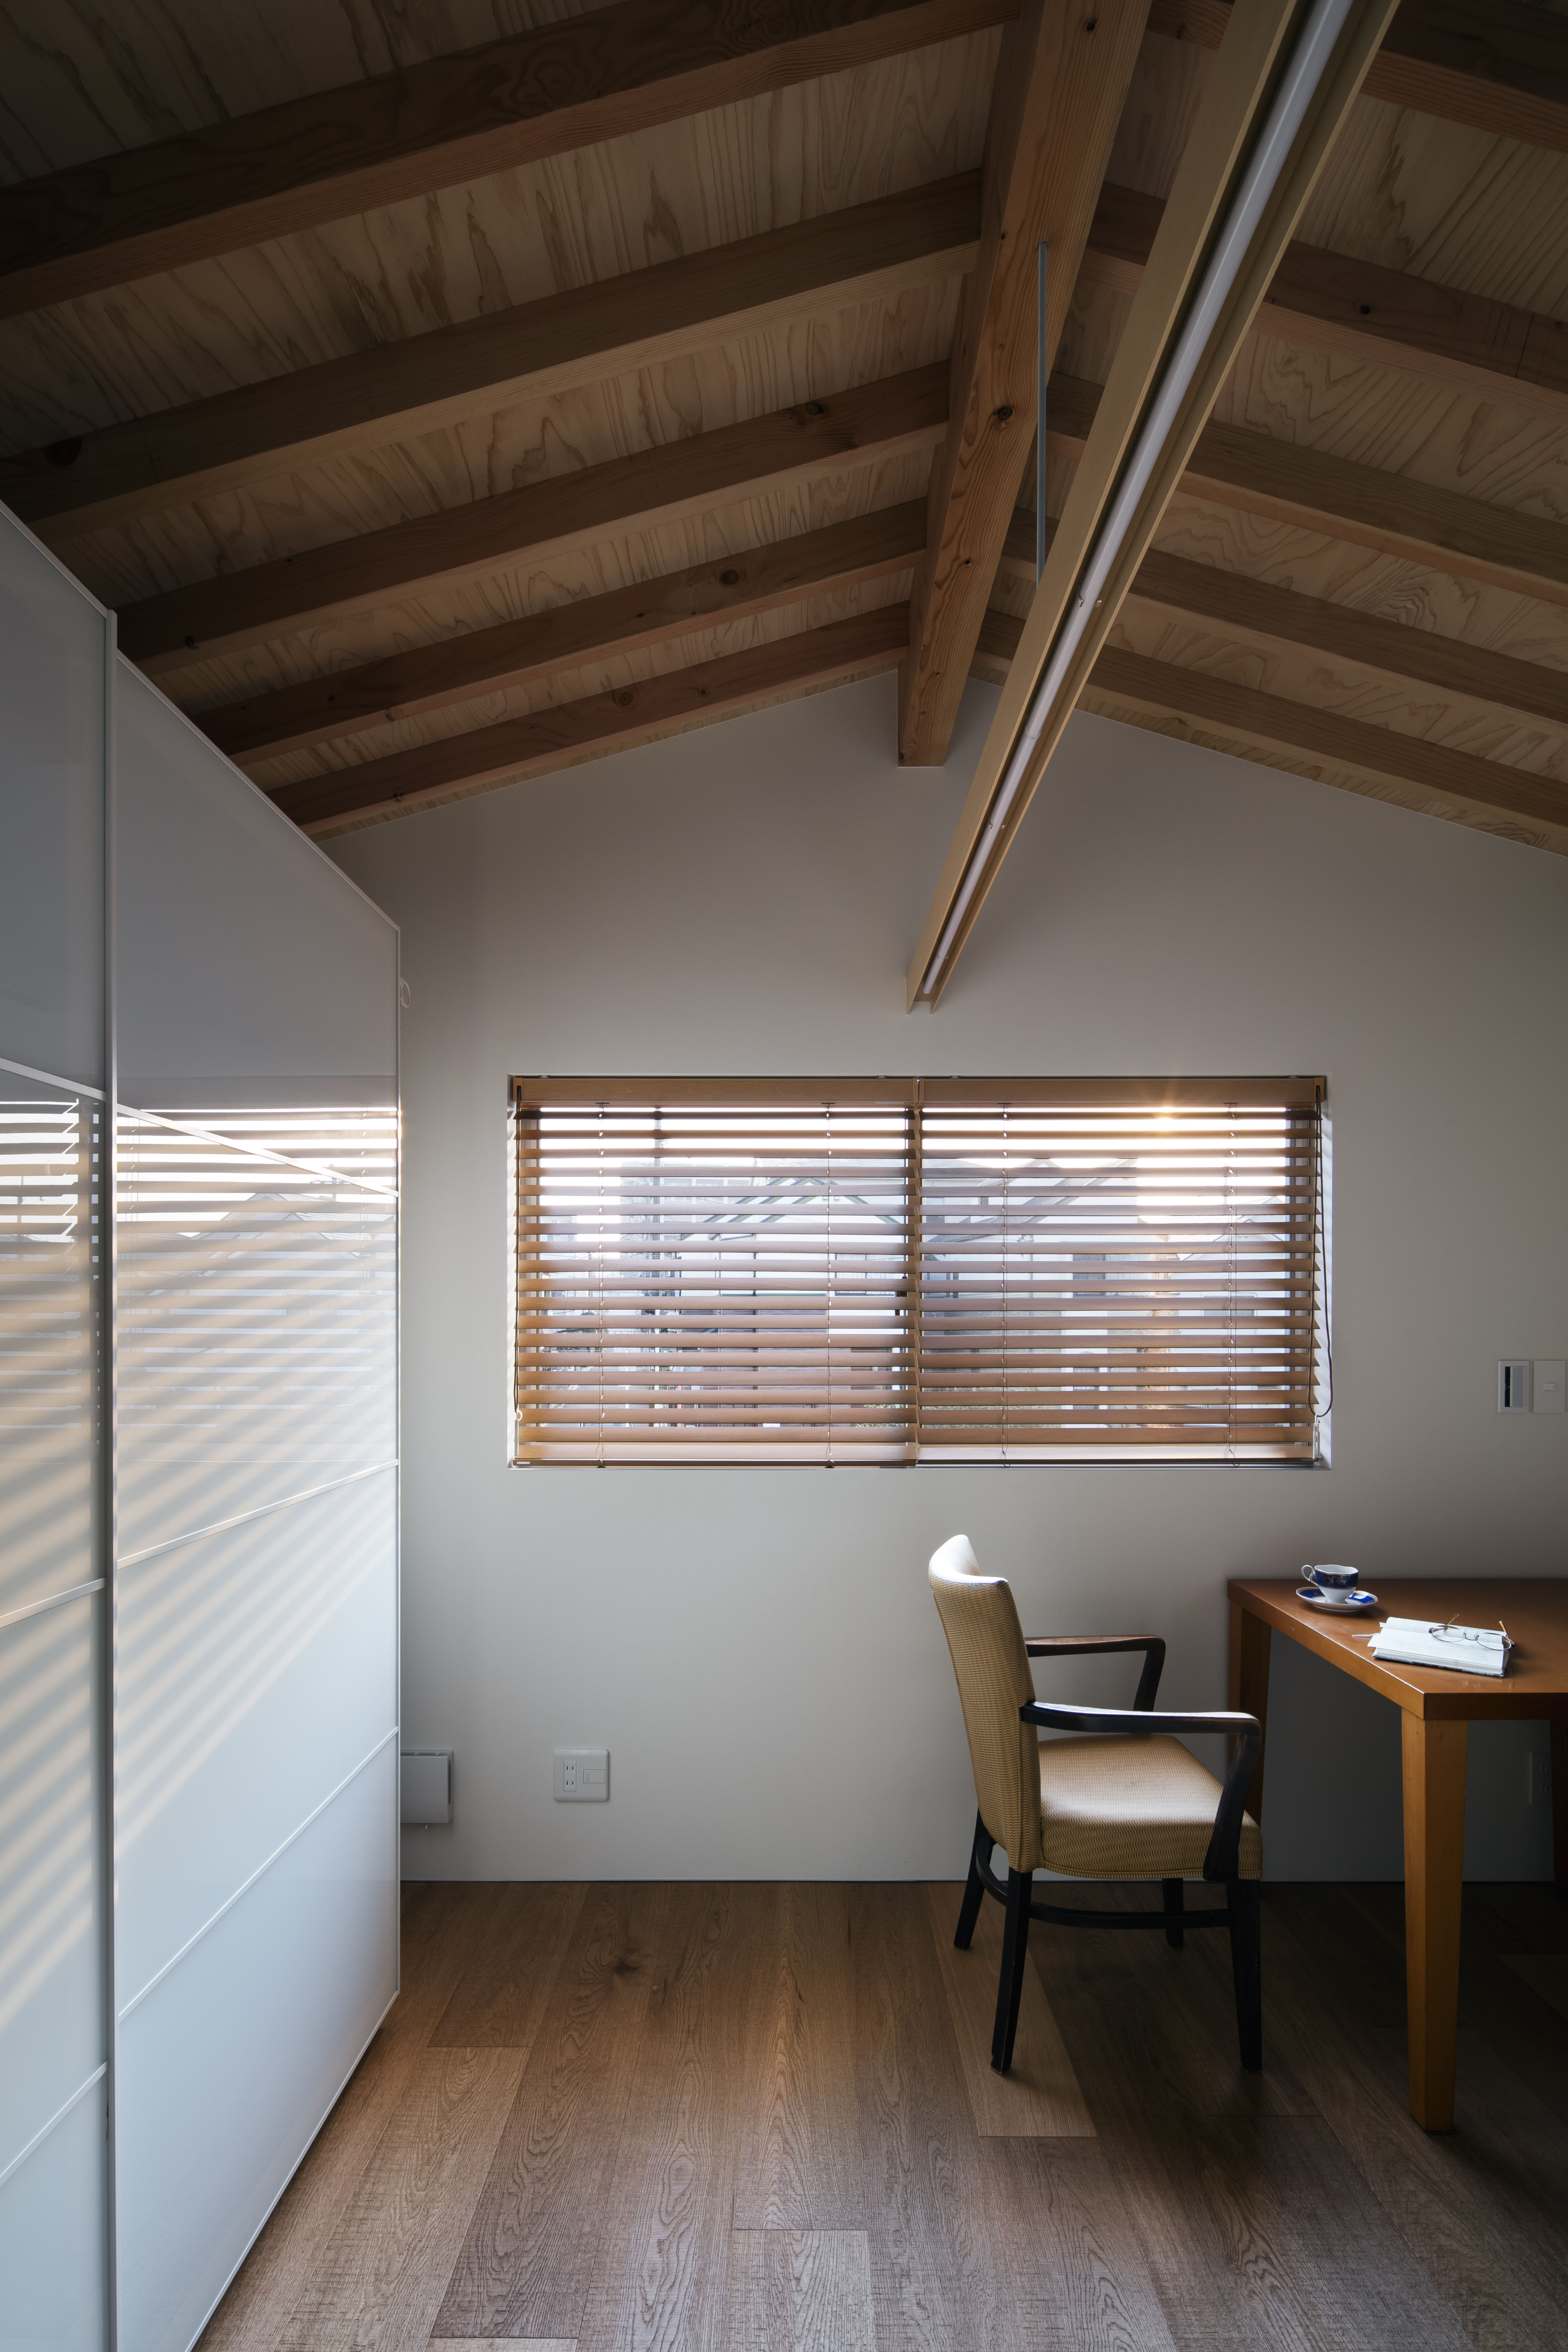 石橋の家 二世帯住宅 狭小住宅 一級建築士事務所エヌアールエム 大阪